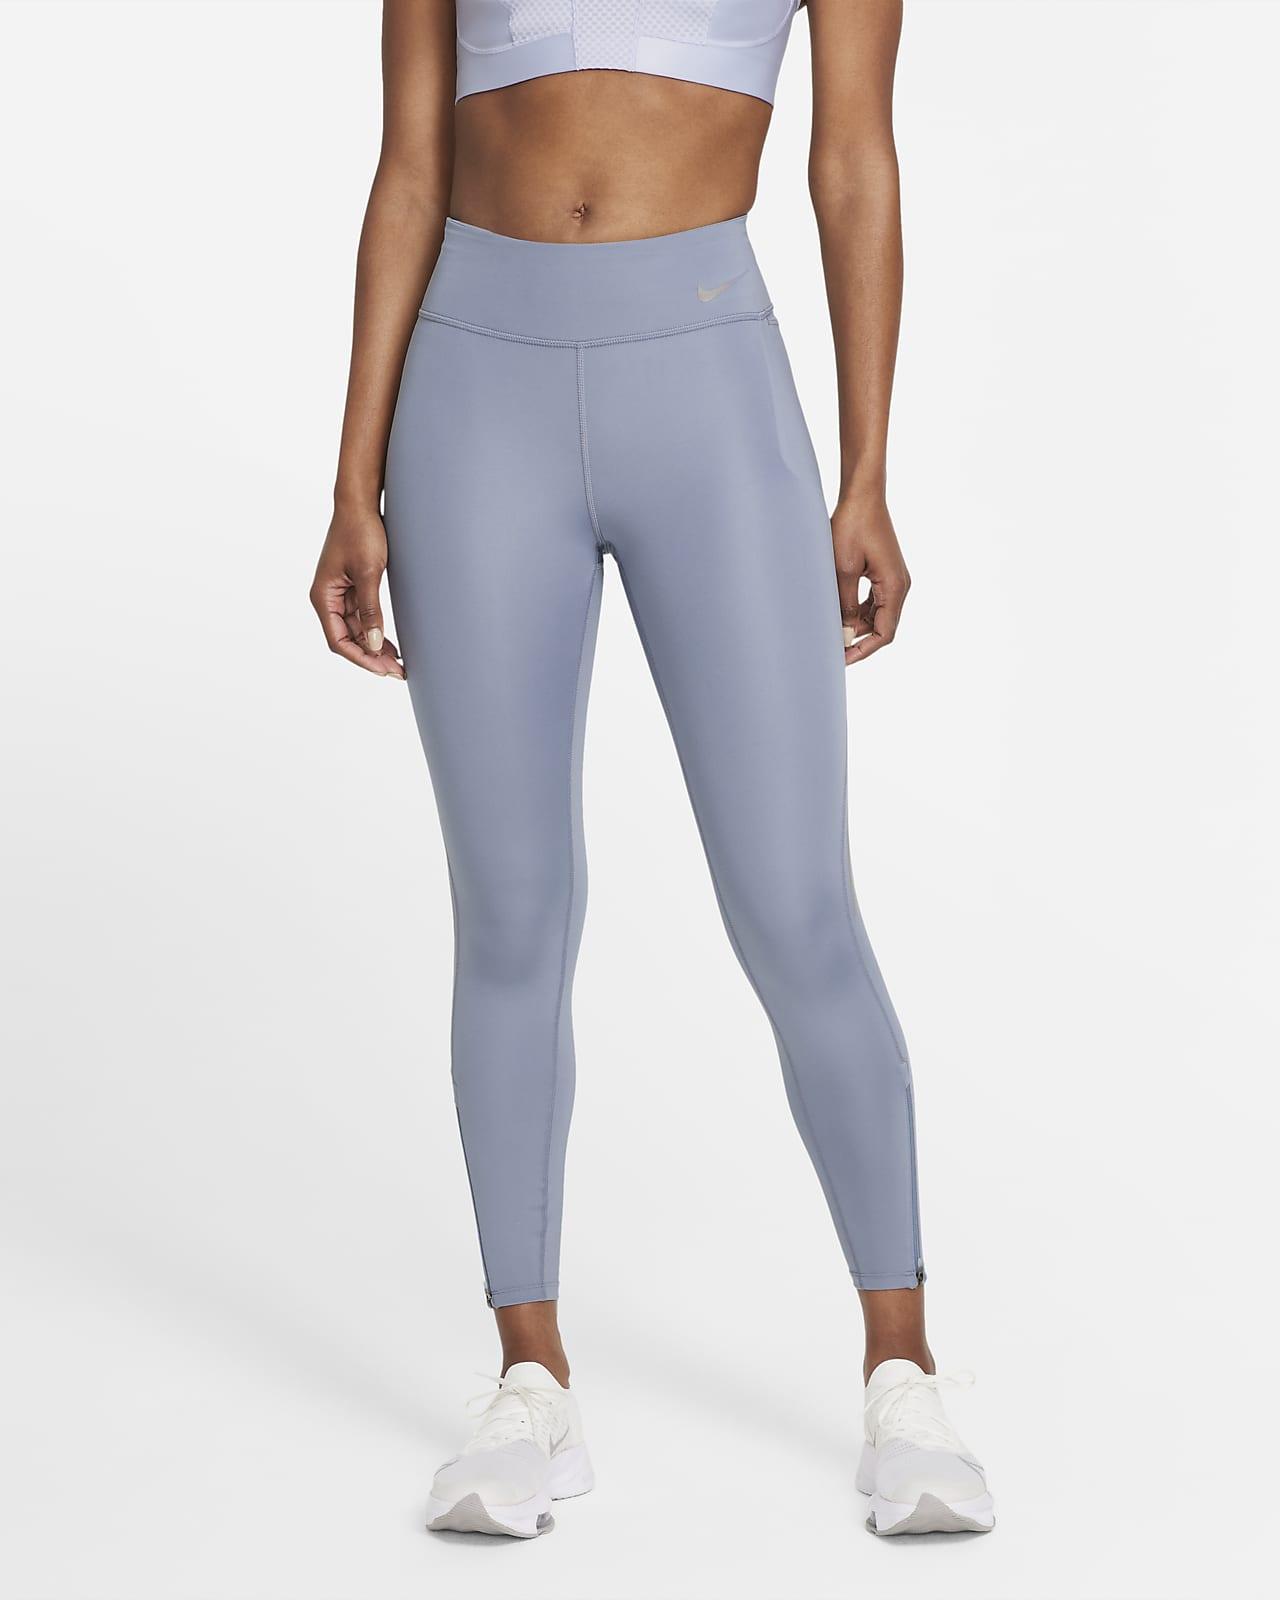 Damskie legginsy 7/8 ze średnim stanem do biegania Nike Epic Fast